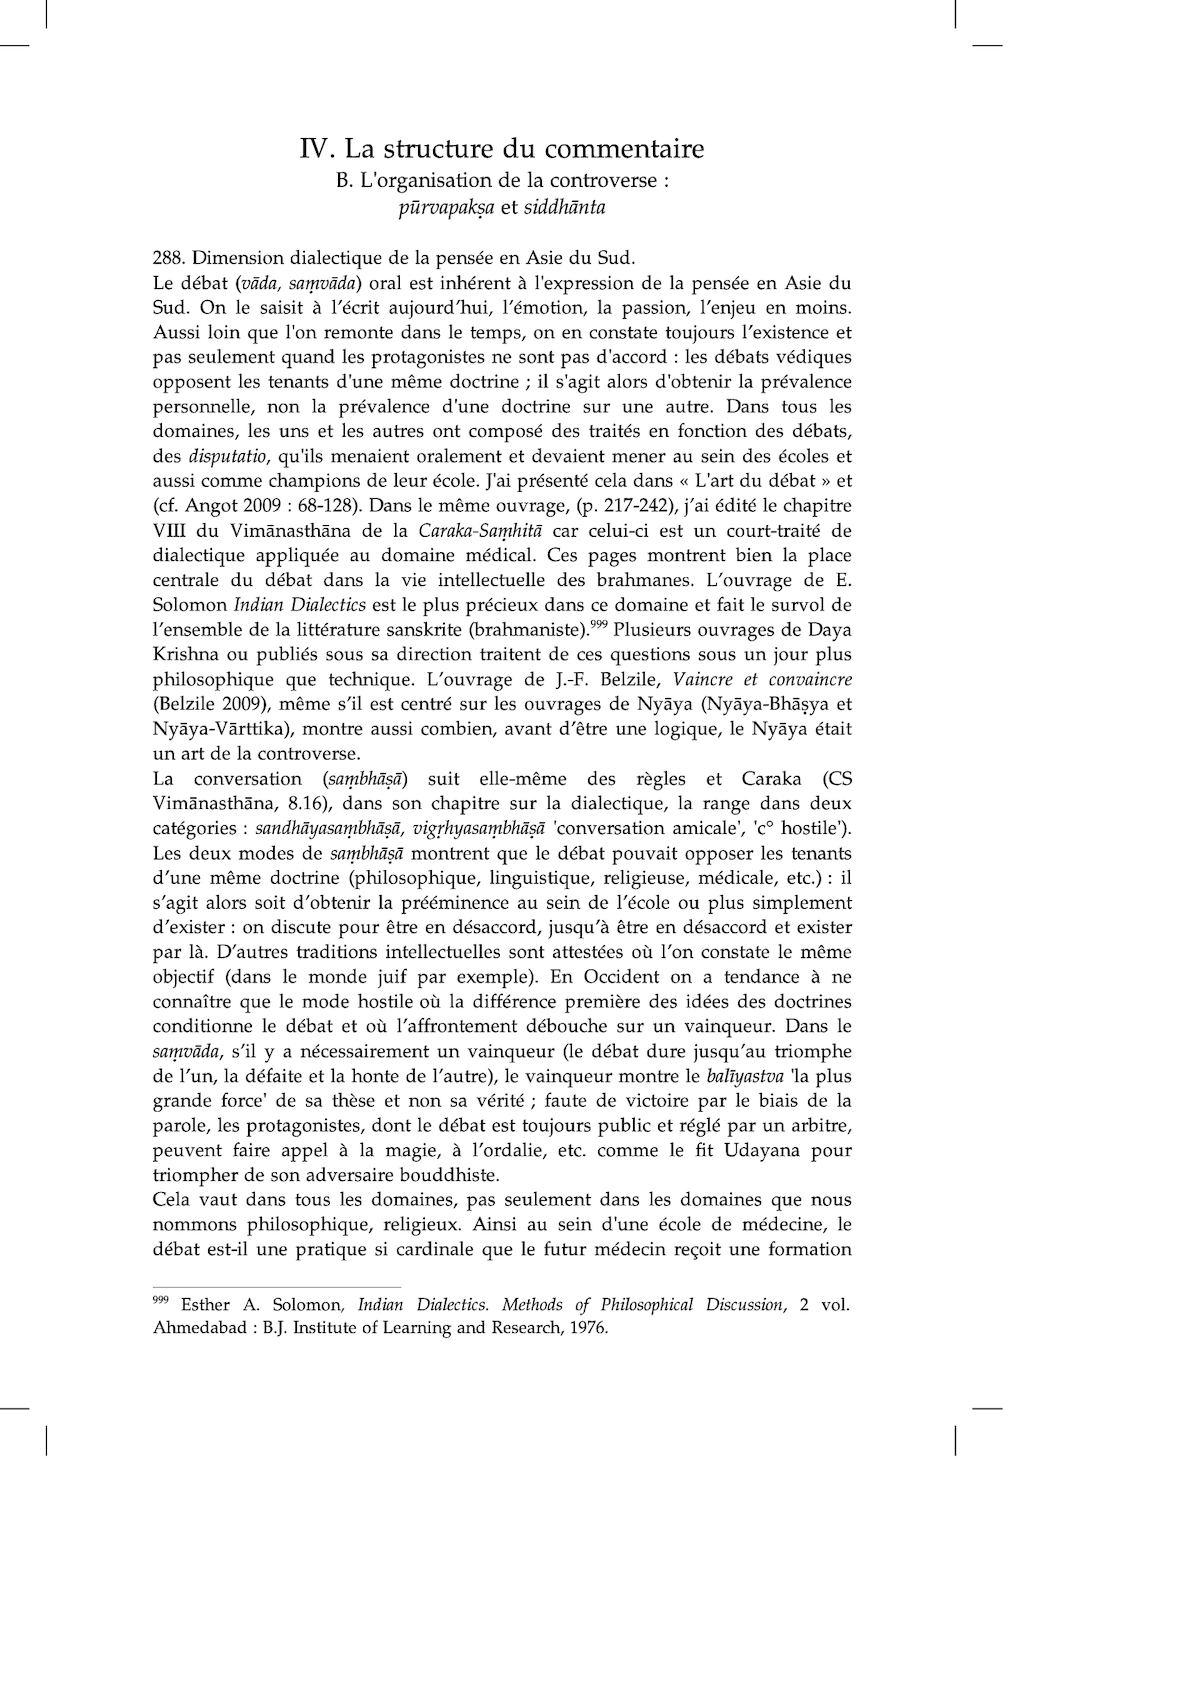 Michel Angot, Le Sanskrit Commentarial, Extrait